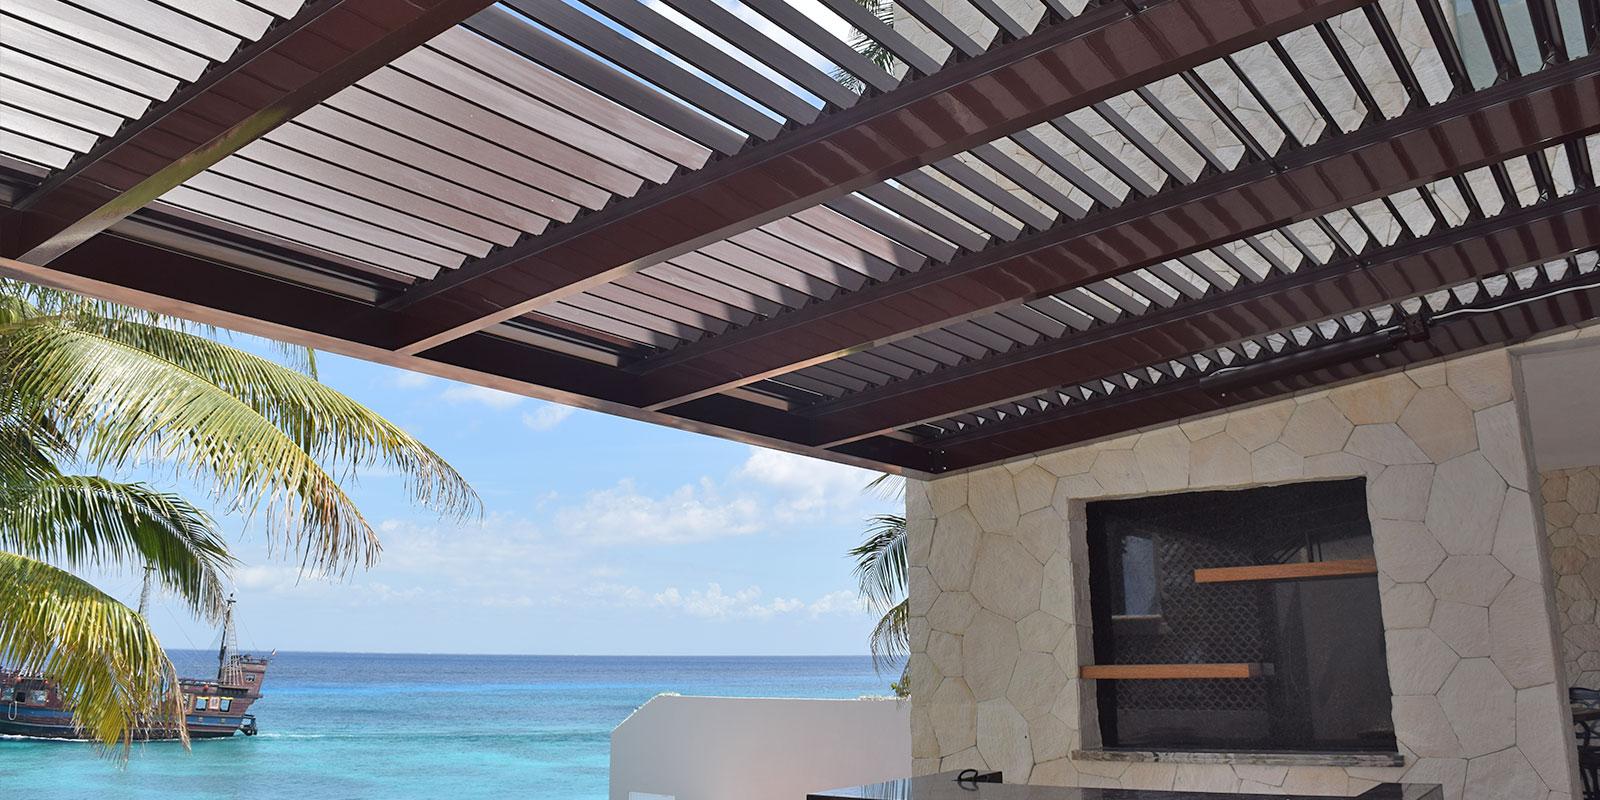 Realizzazione Tenda Bioclimatica per una villa a Quintana Roo, Messico